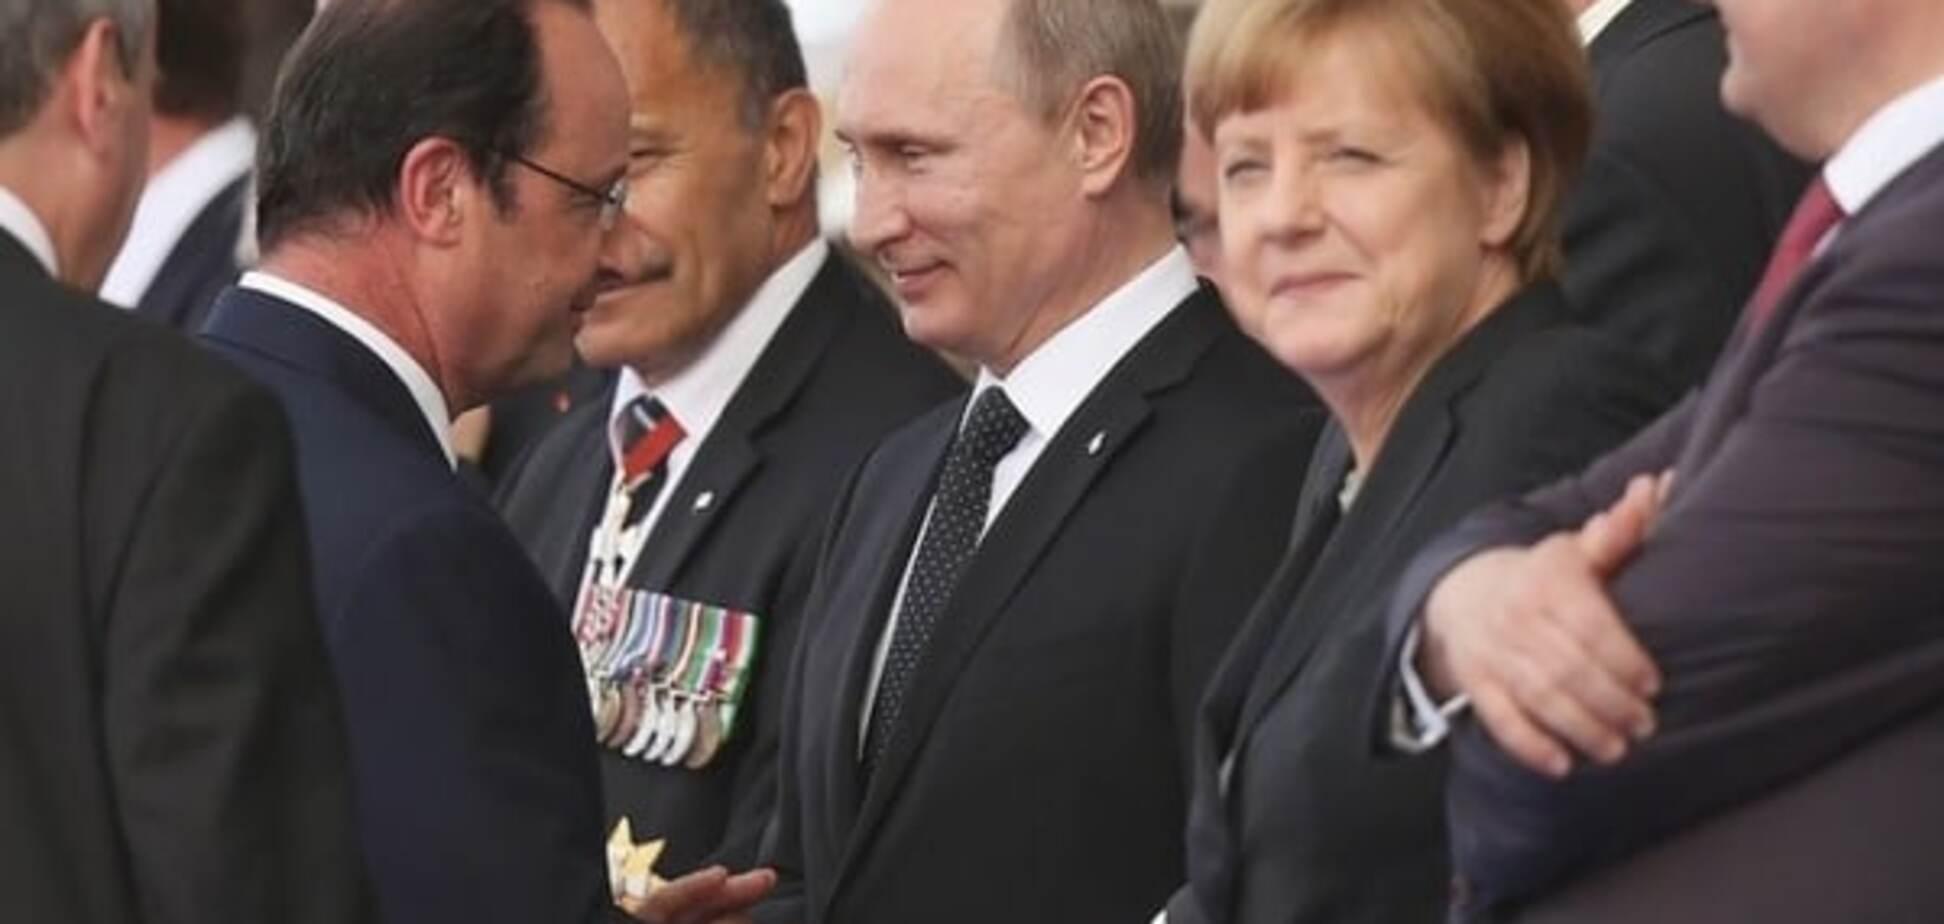 Разоблачение Путина: скандал в благородном семействе